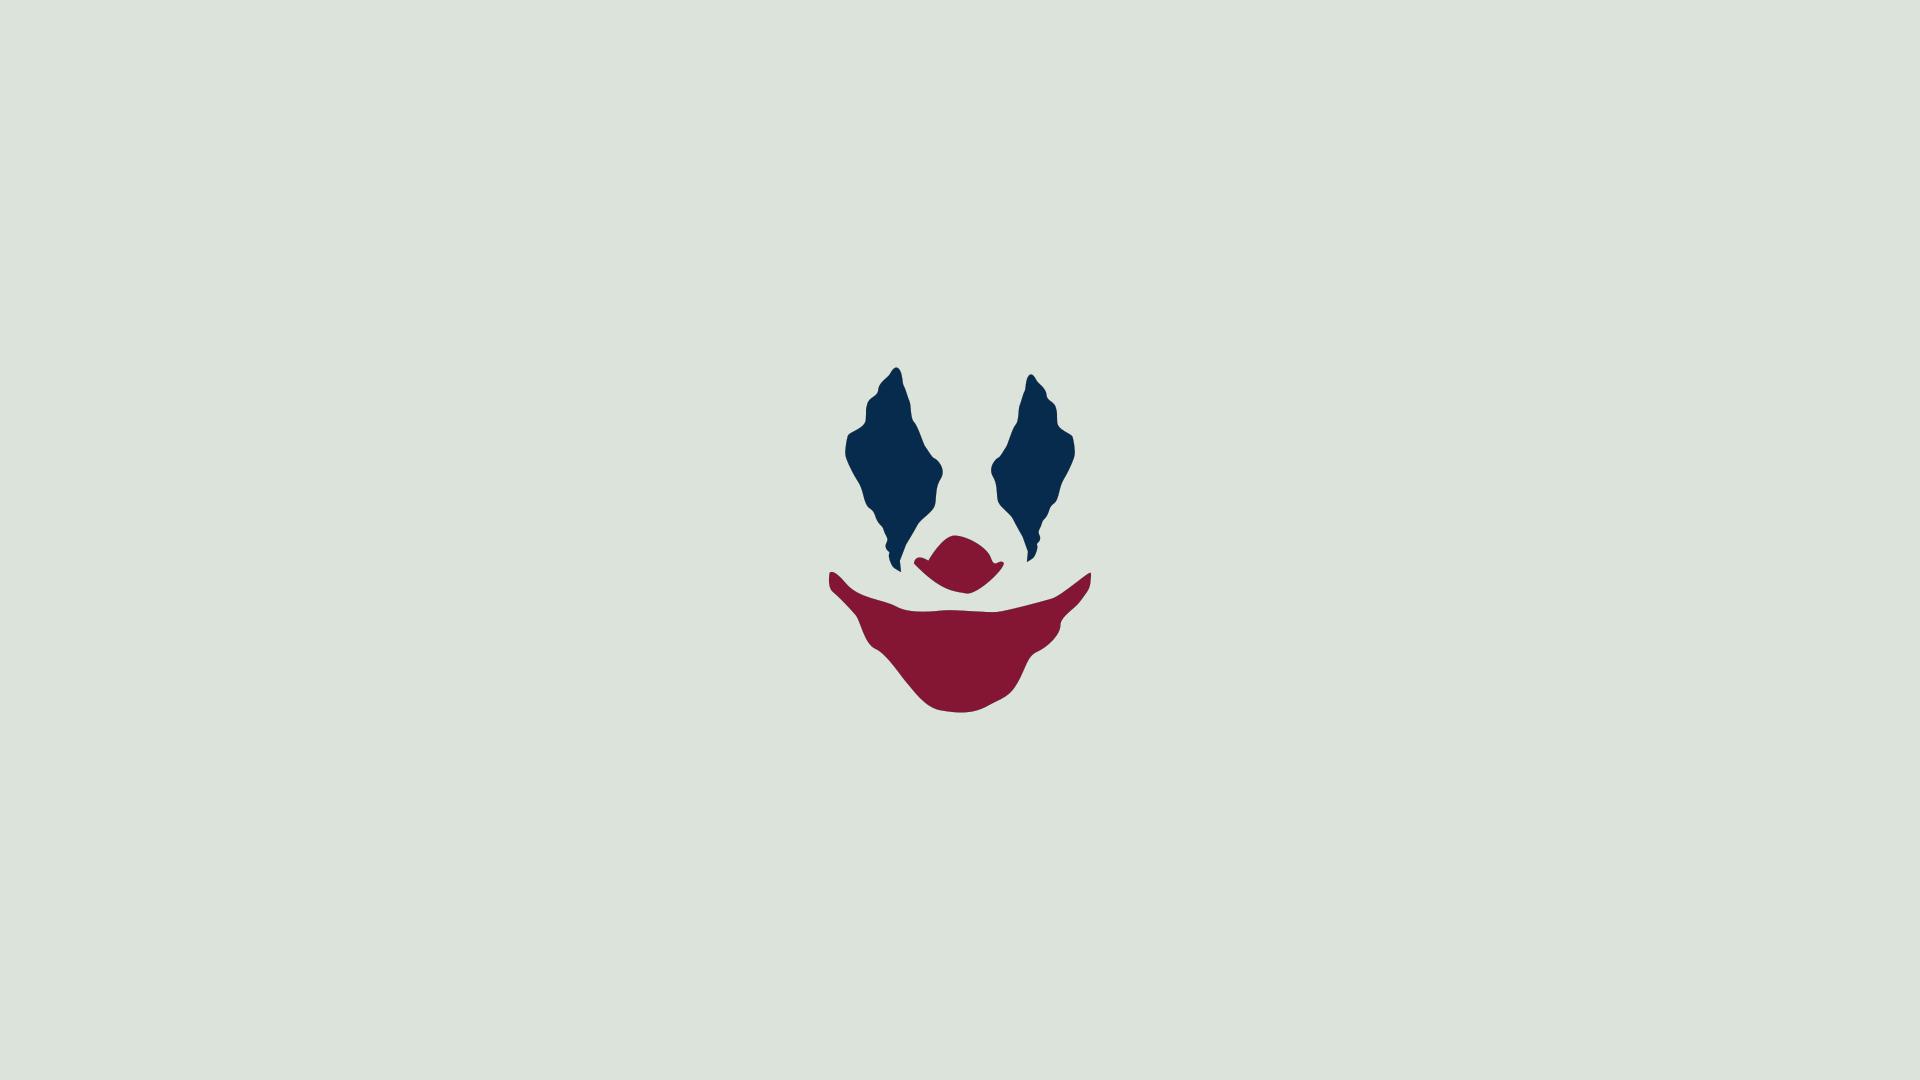 Joker [1920 x 1080]